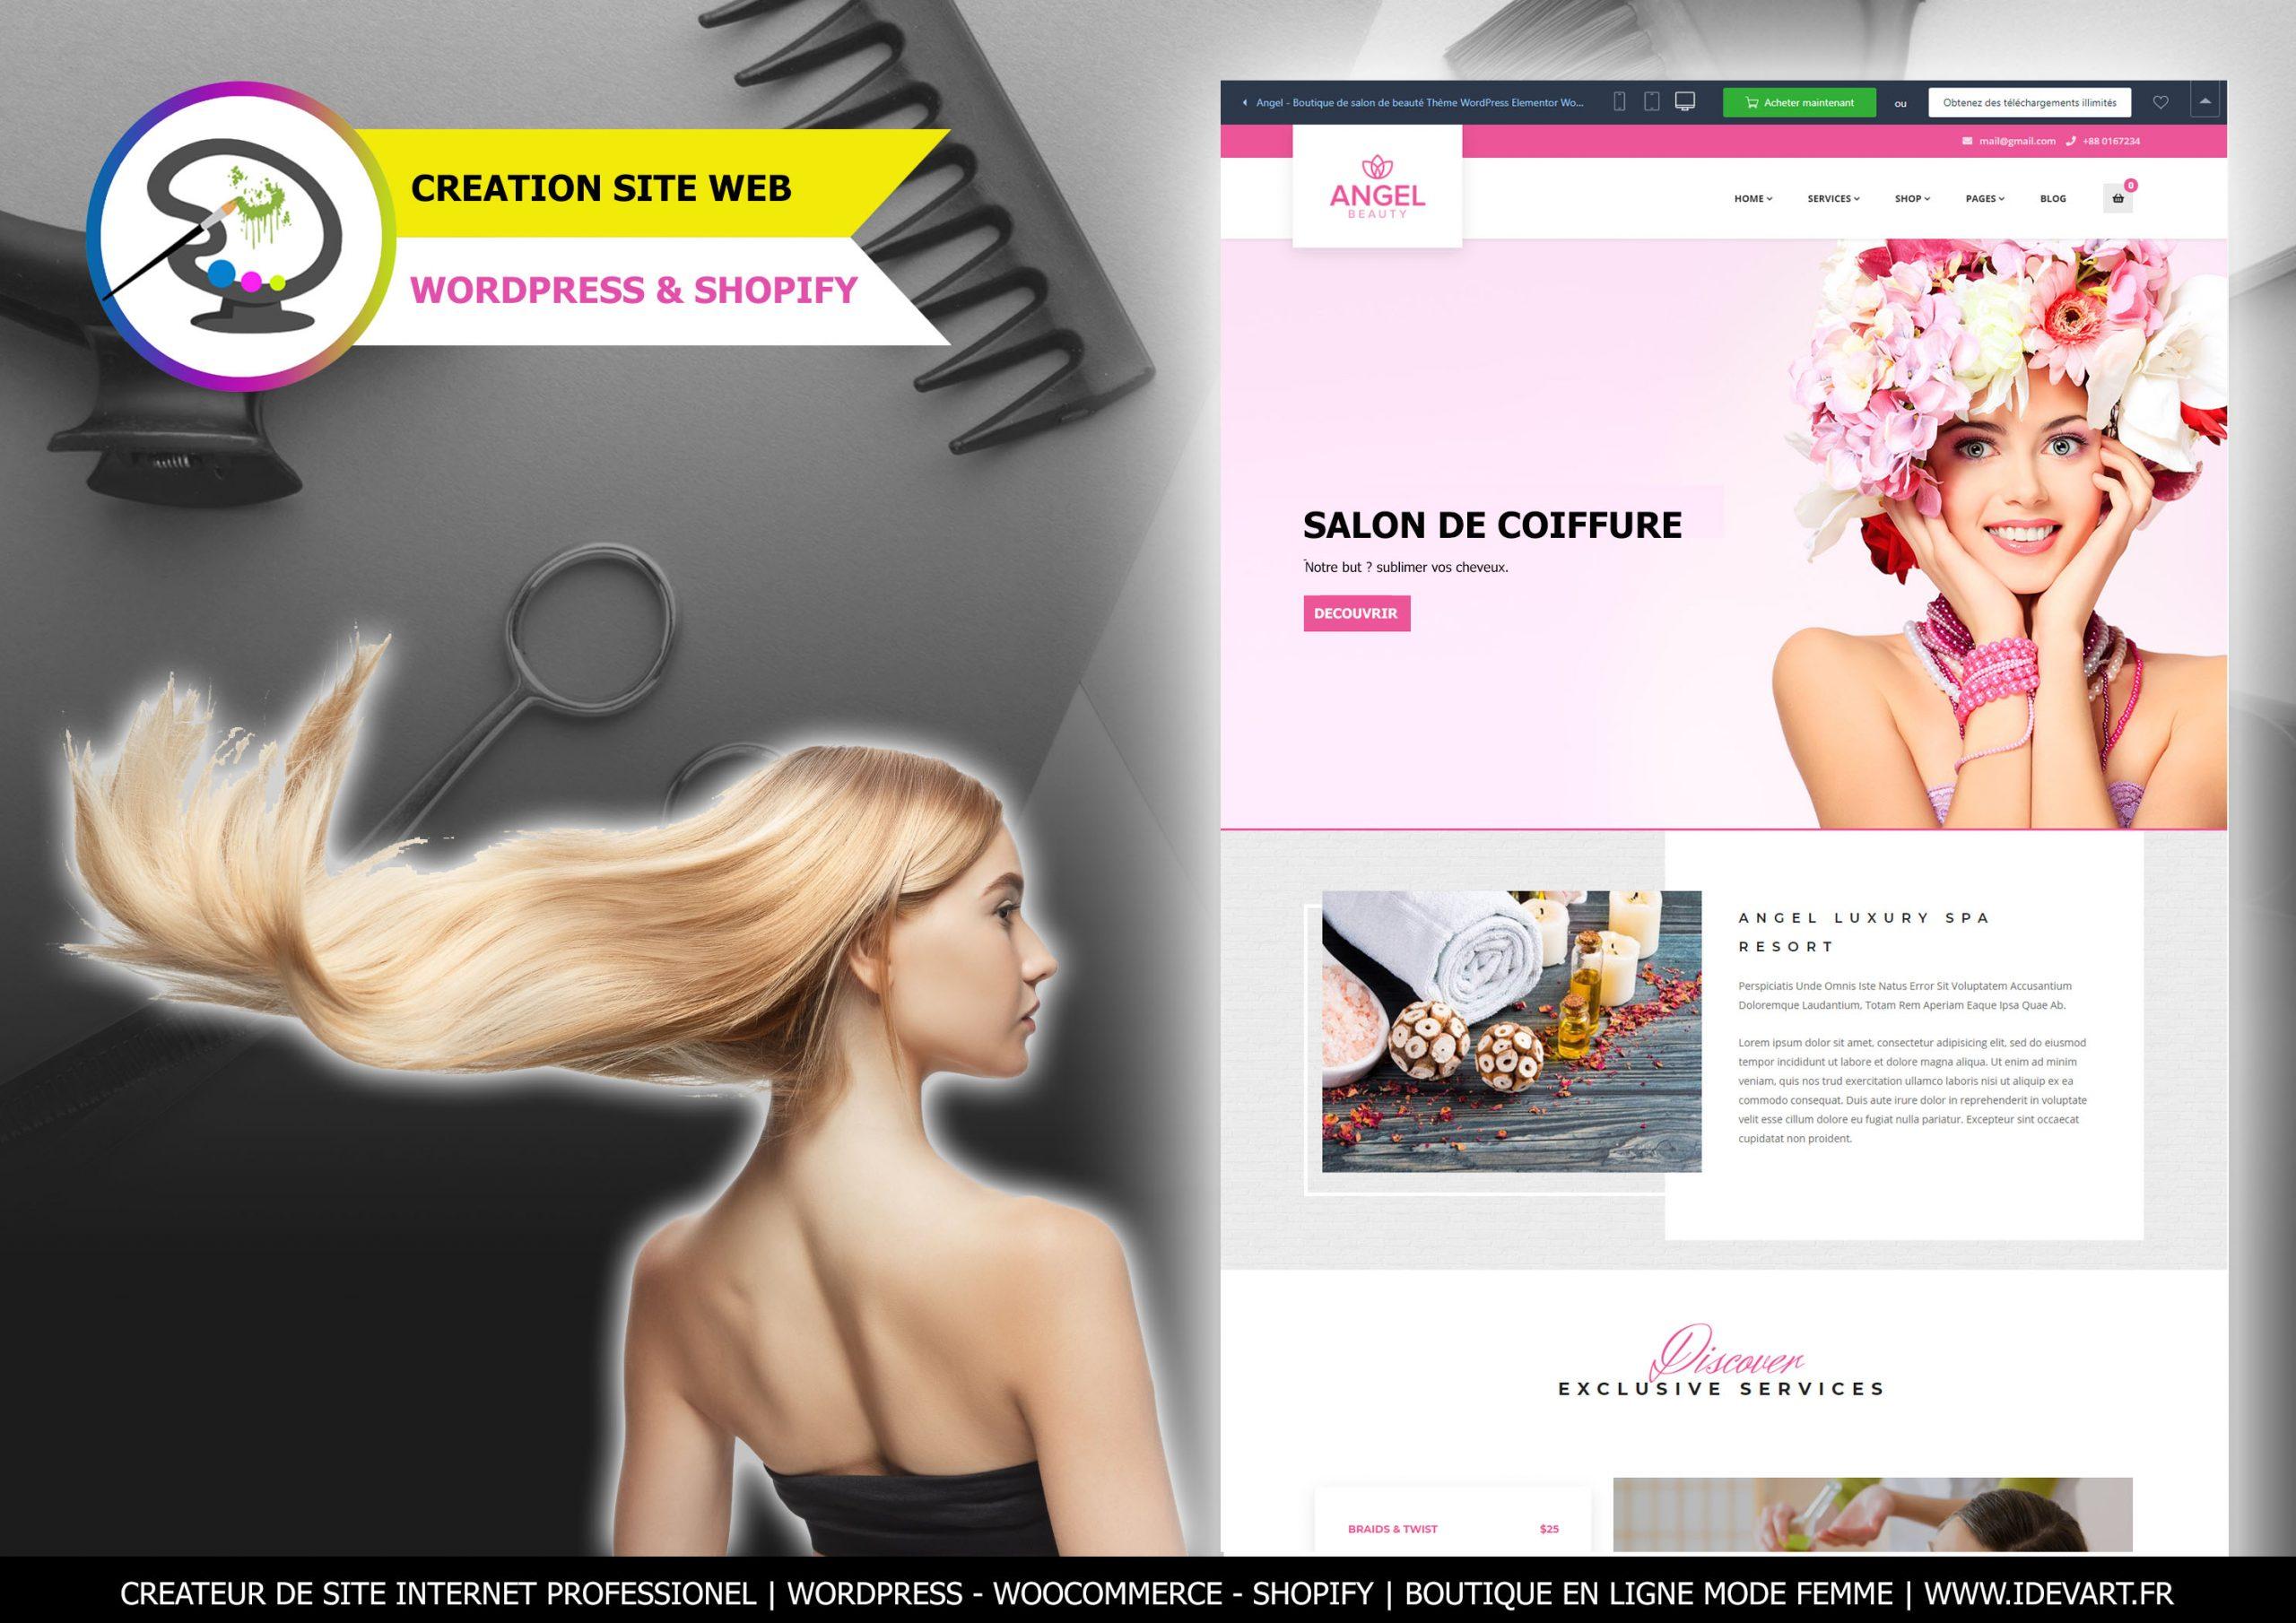 WooCommerce, Magento ou Shopify: quelle solution choisir pour la création de sa boutique en ligne ?